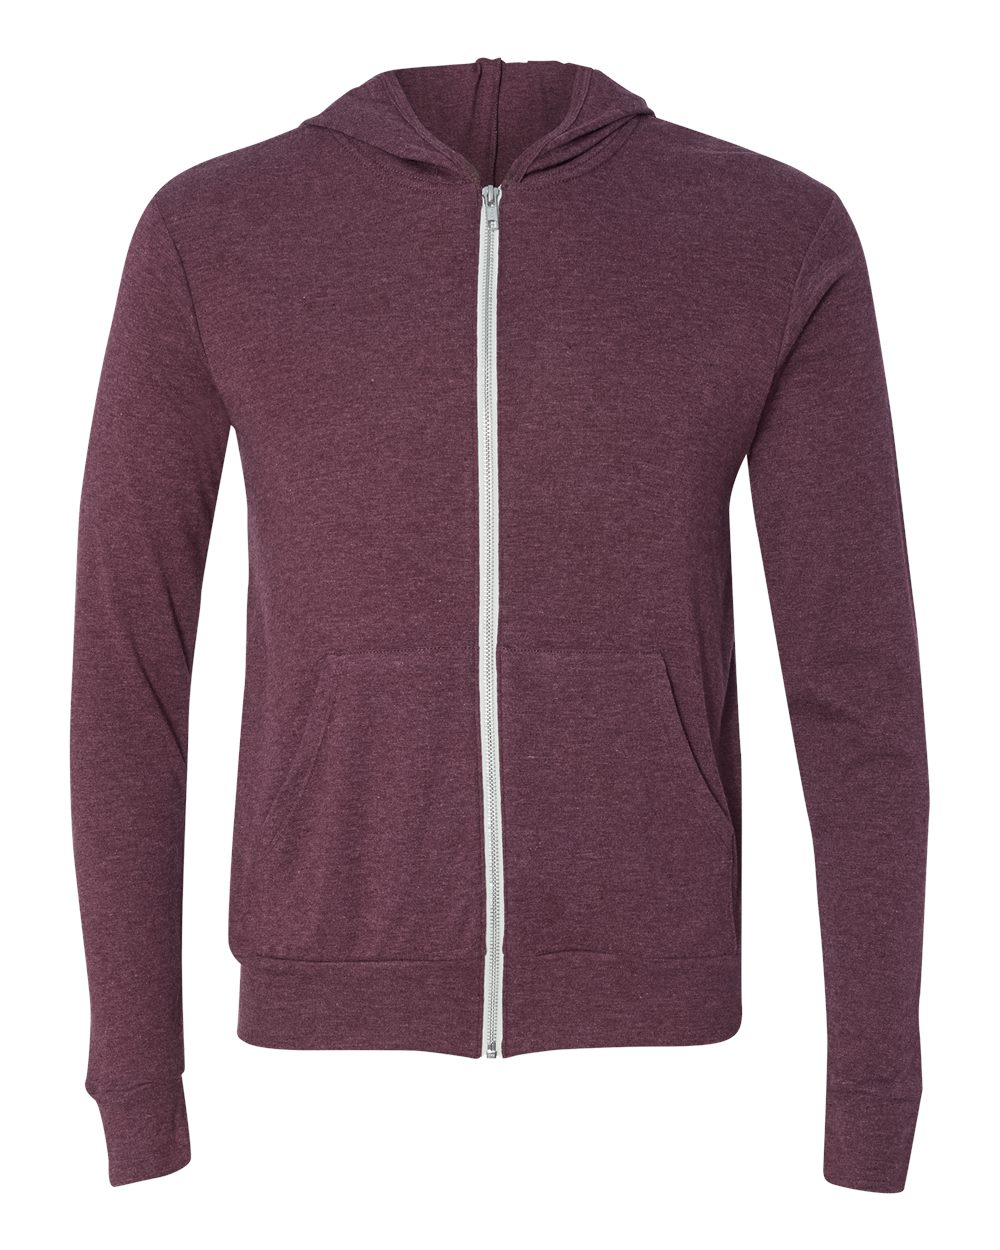 Bella-Canvas-Unisex-Triblend-Lightweight-Hooded-Full-Zip-T-Shirt-3939-upto-2XL thumbnail 18